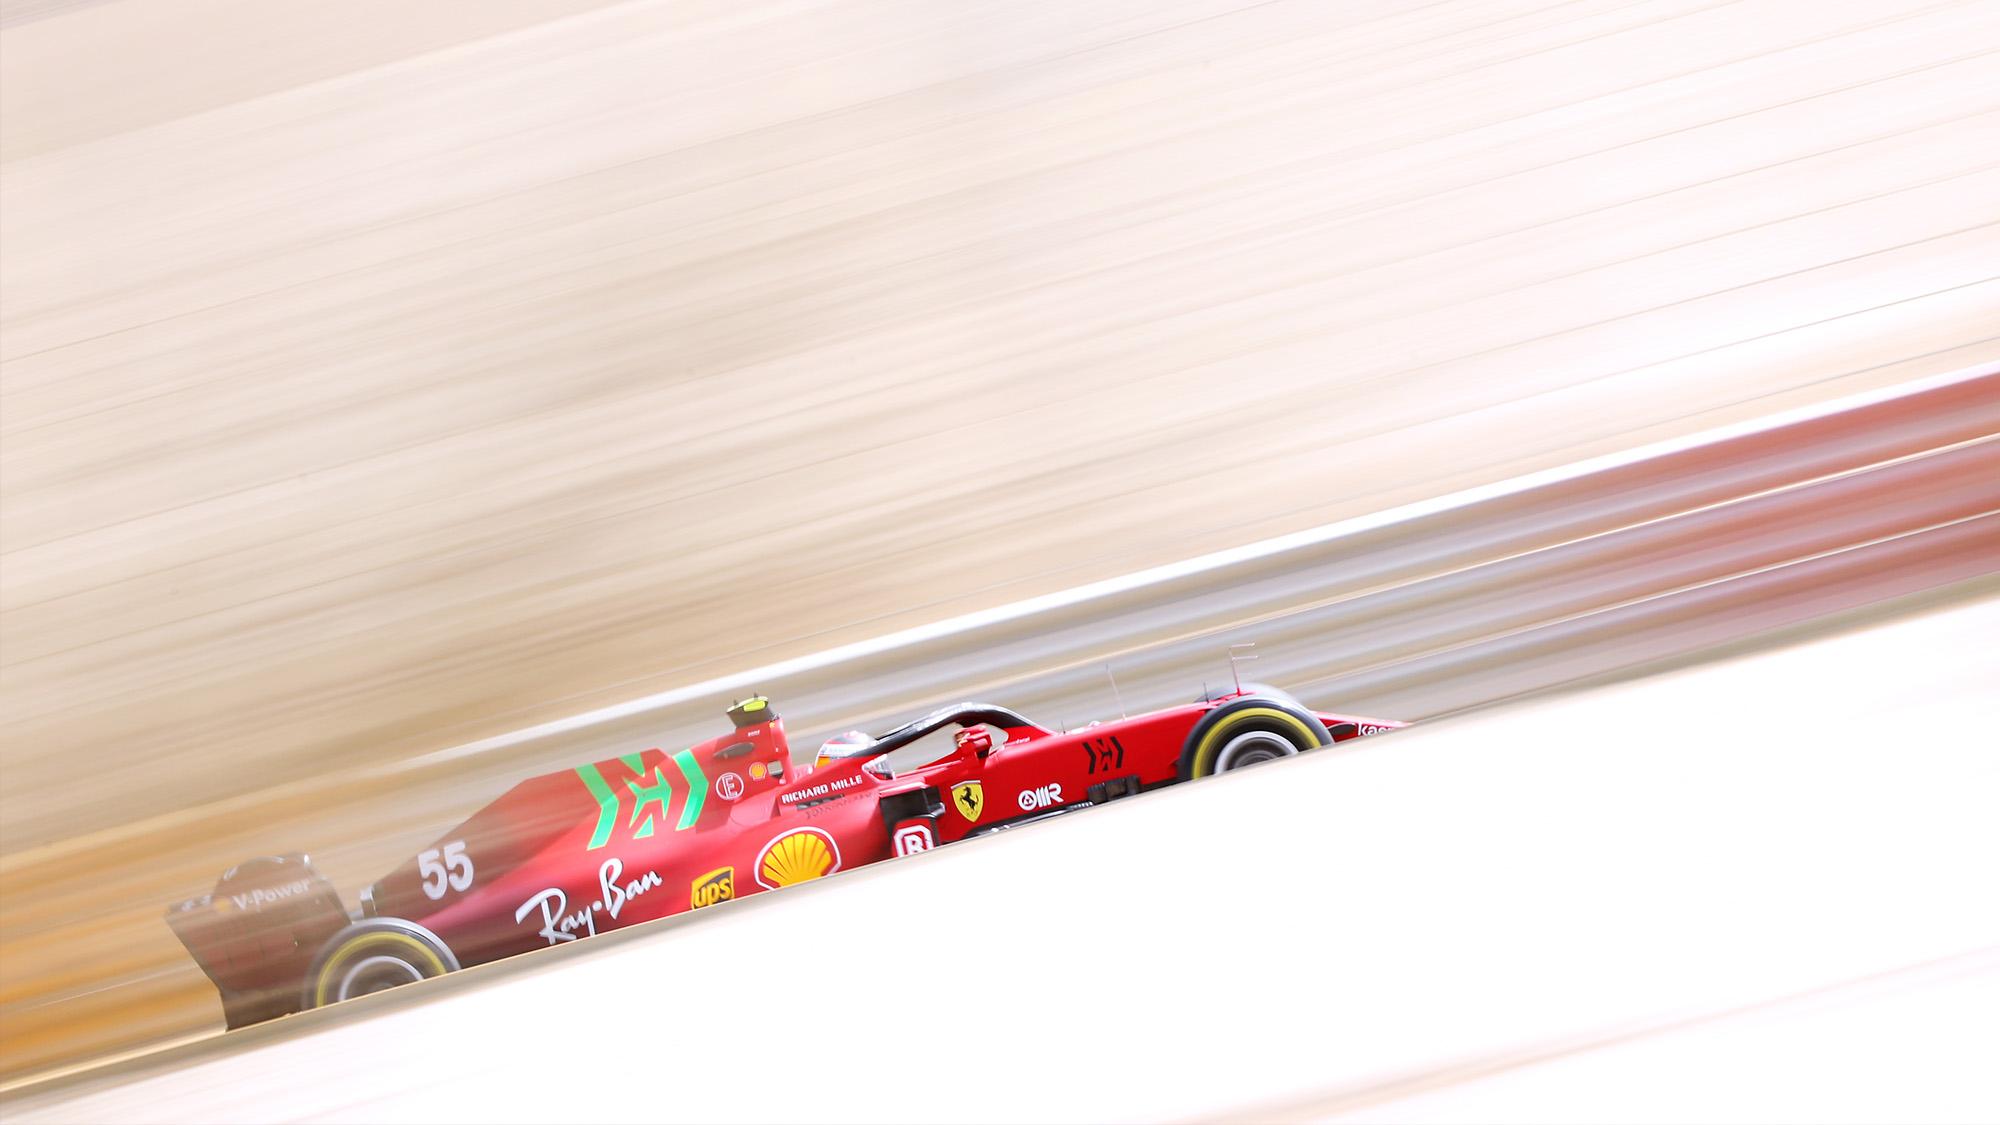 Carlos Sainz in 2021 Ferrari at Bahrain test